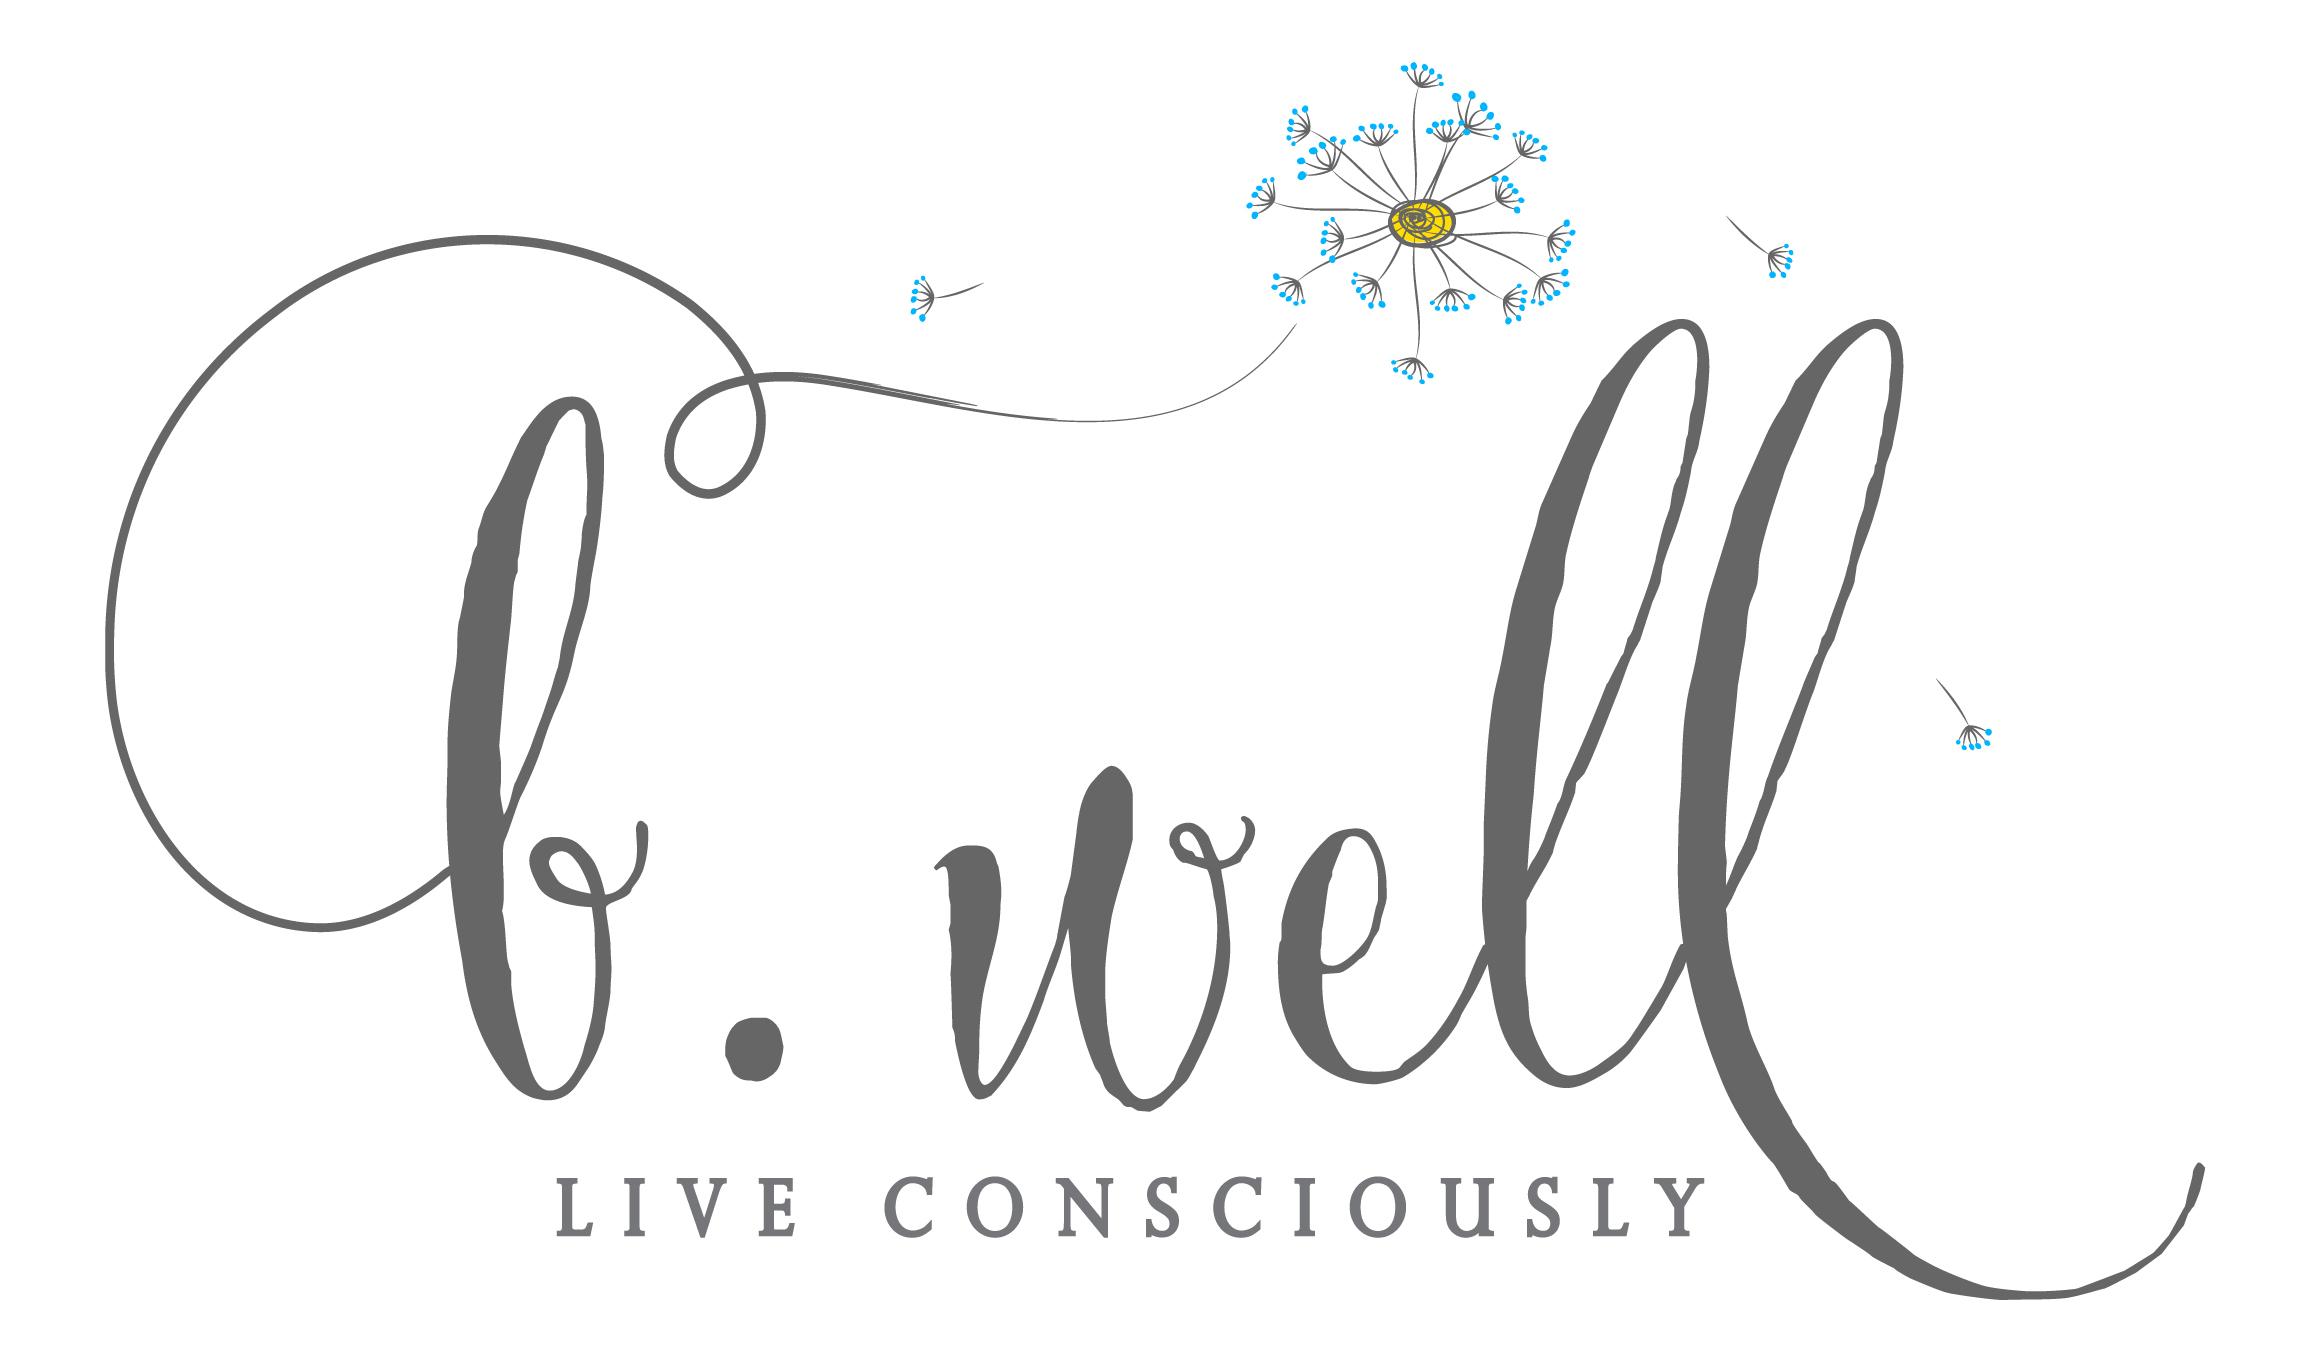 b well logo .jpg